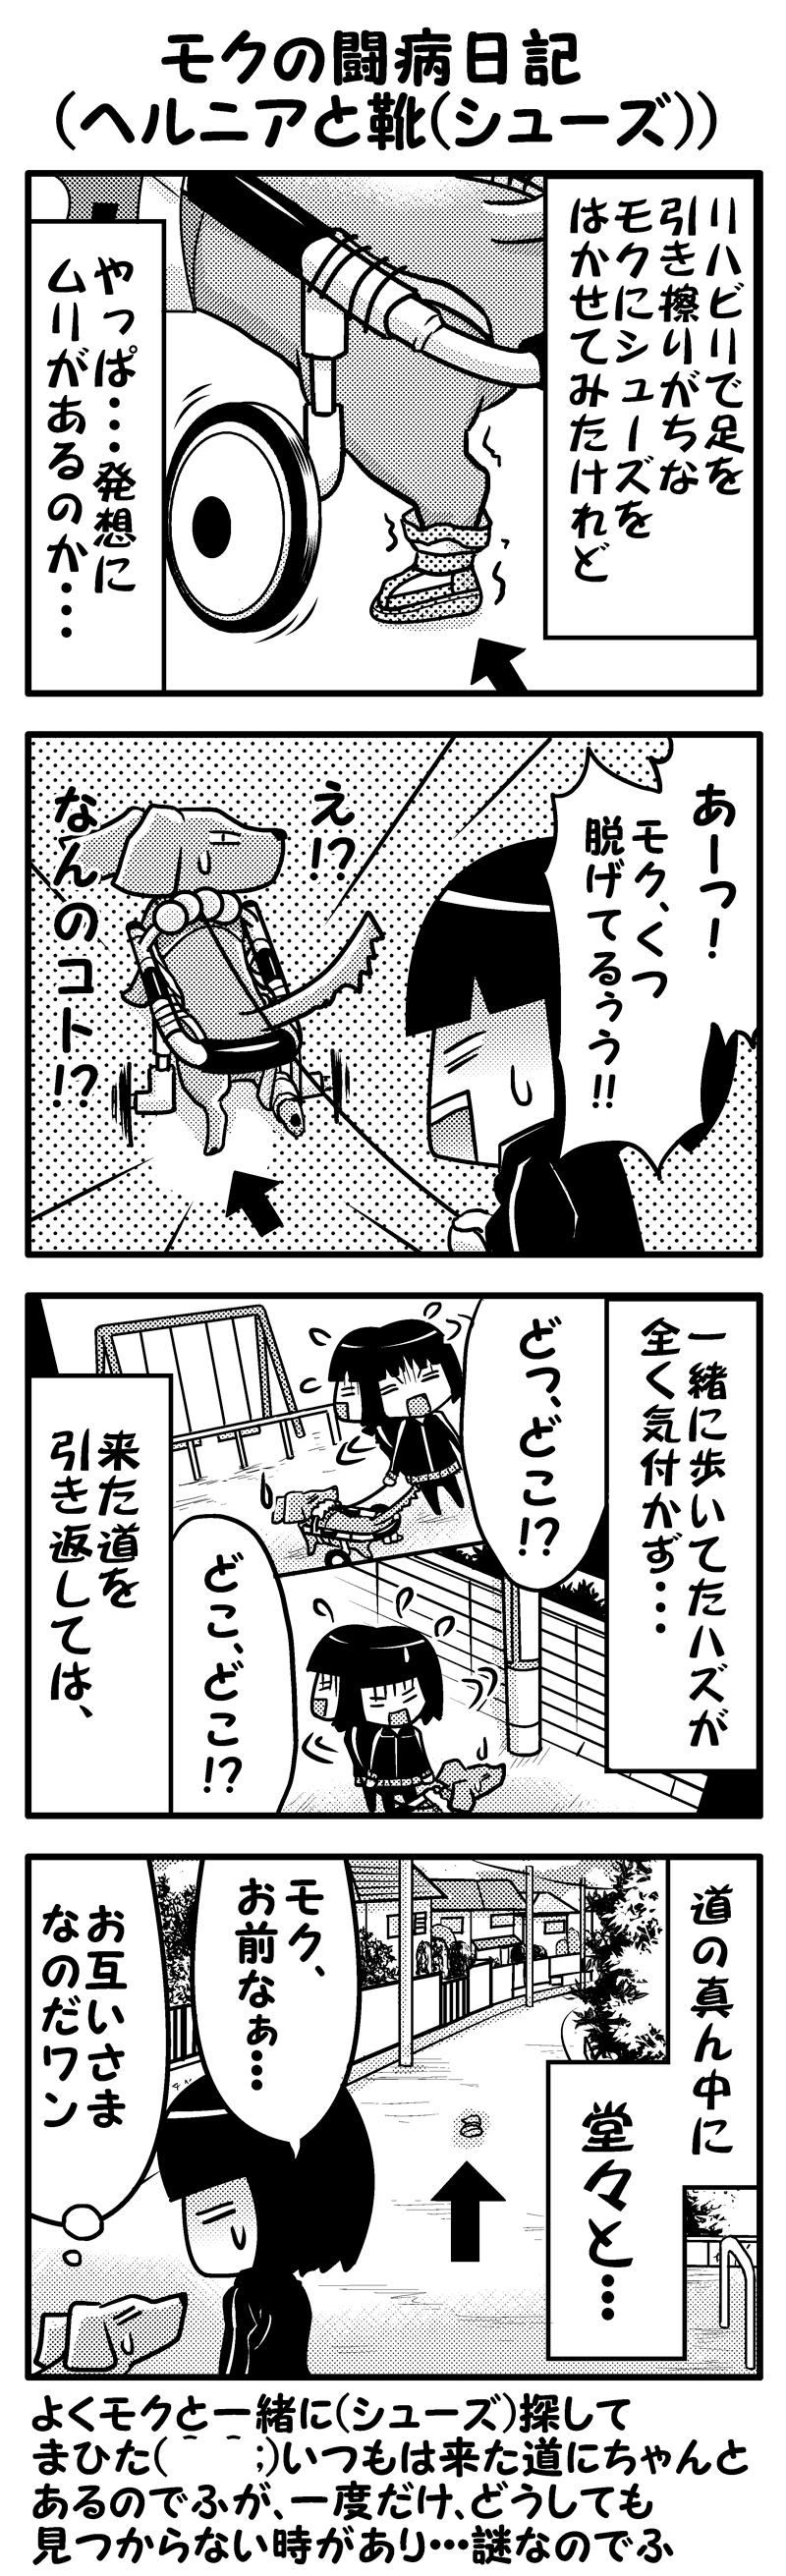 モク闘病日記13シューズ